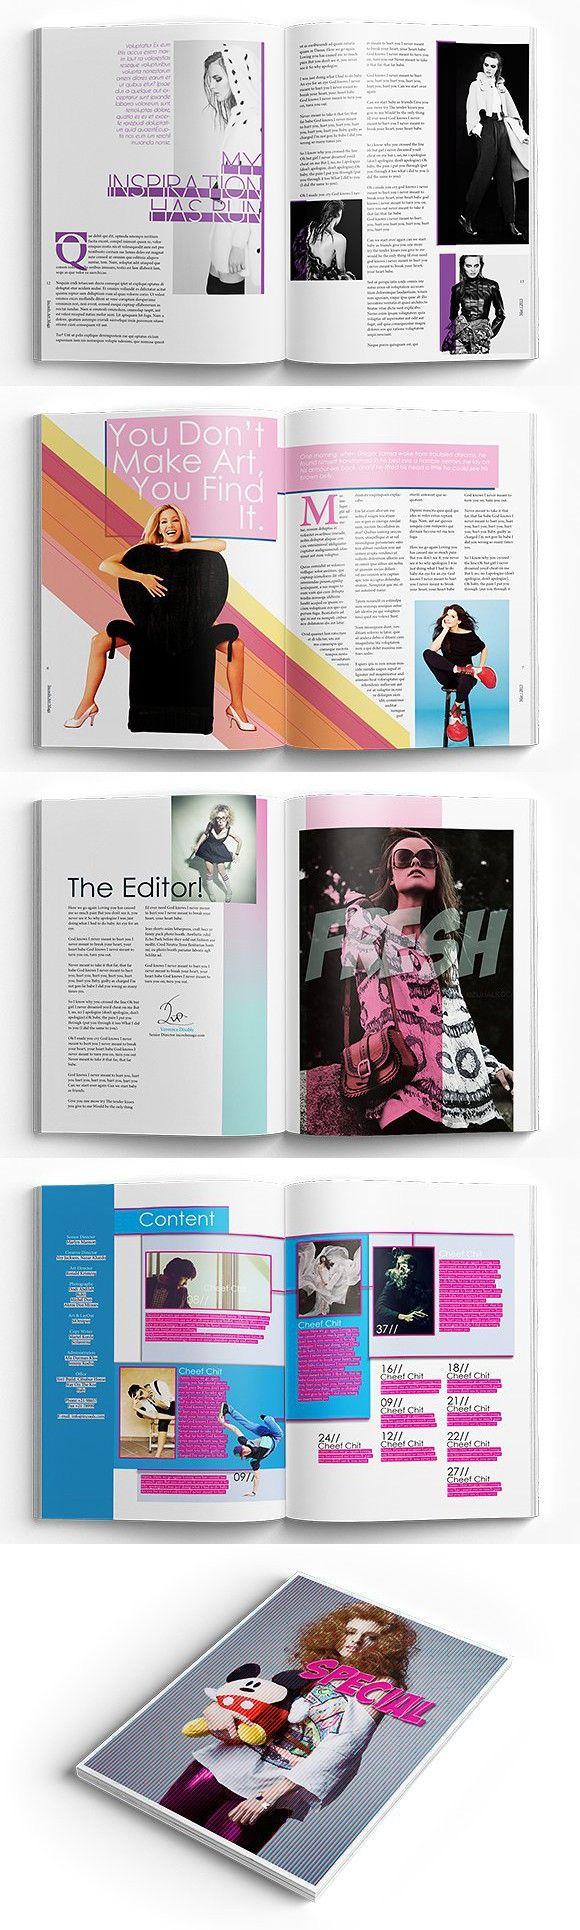 InDesign LifeStyle Magazine | Magazine Templates | Pinterest ...